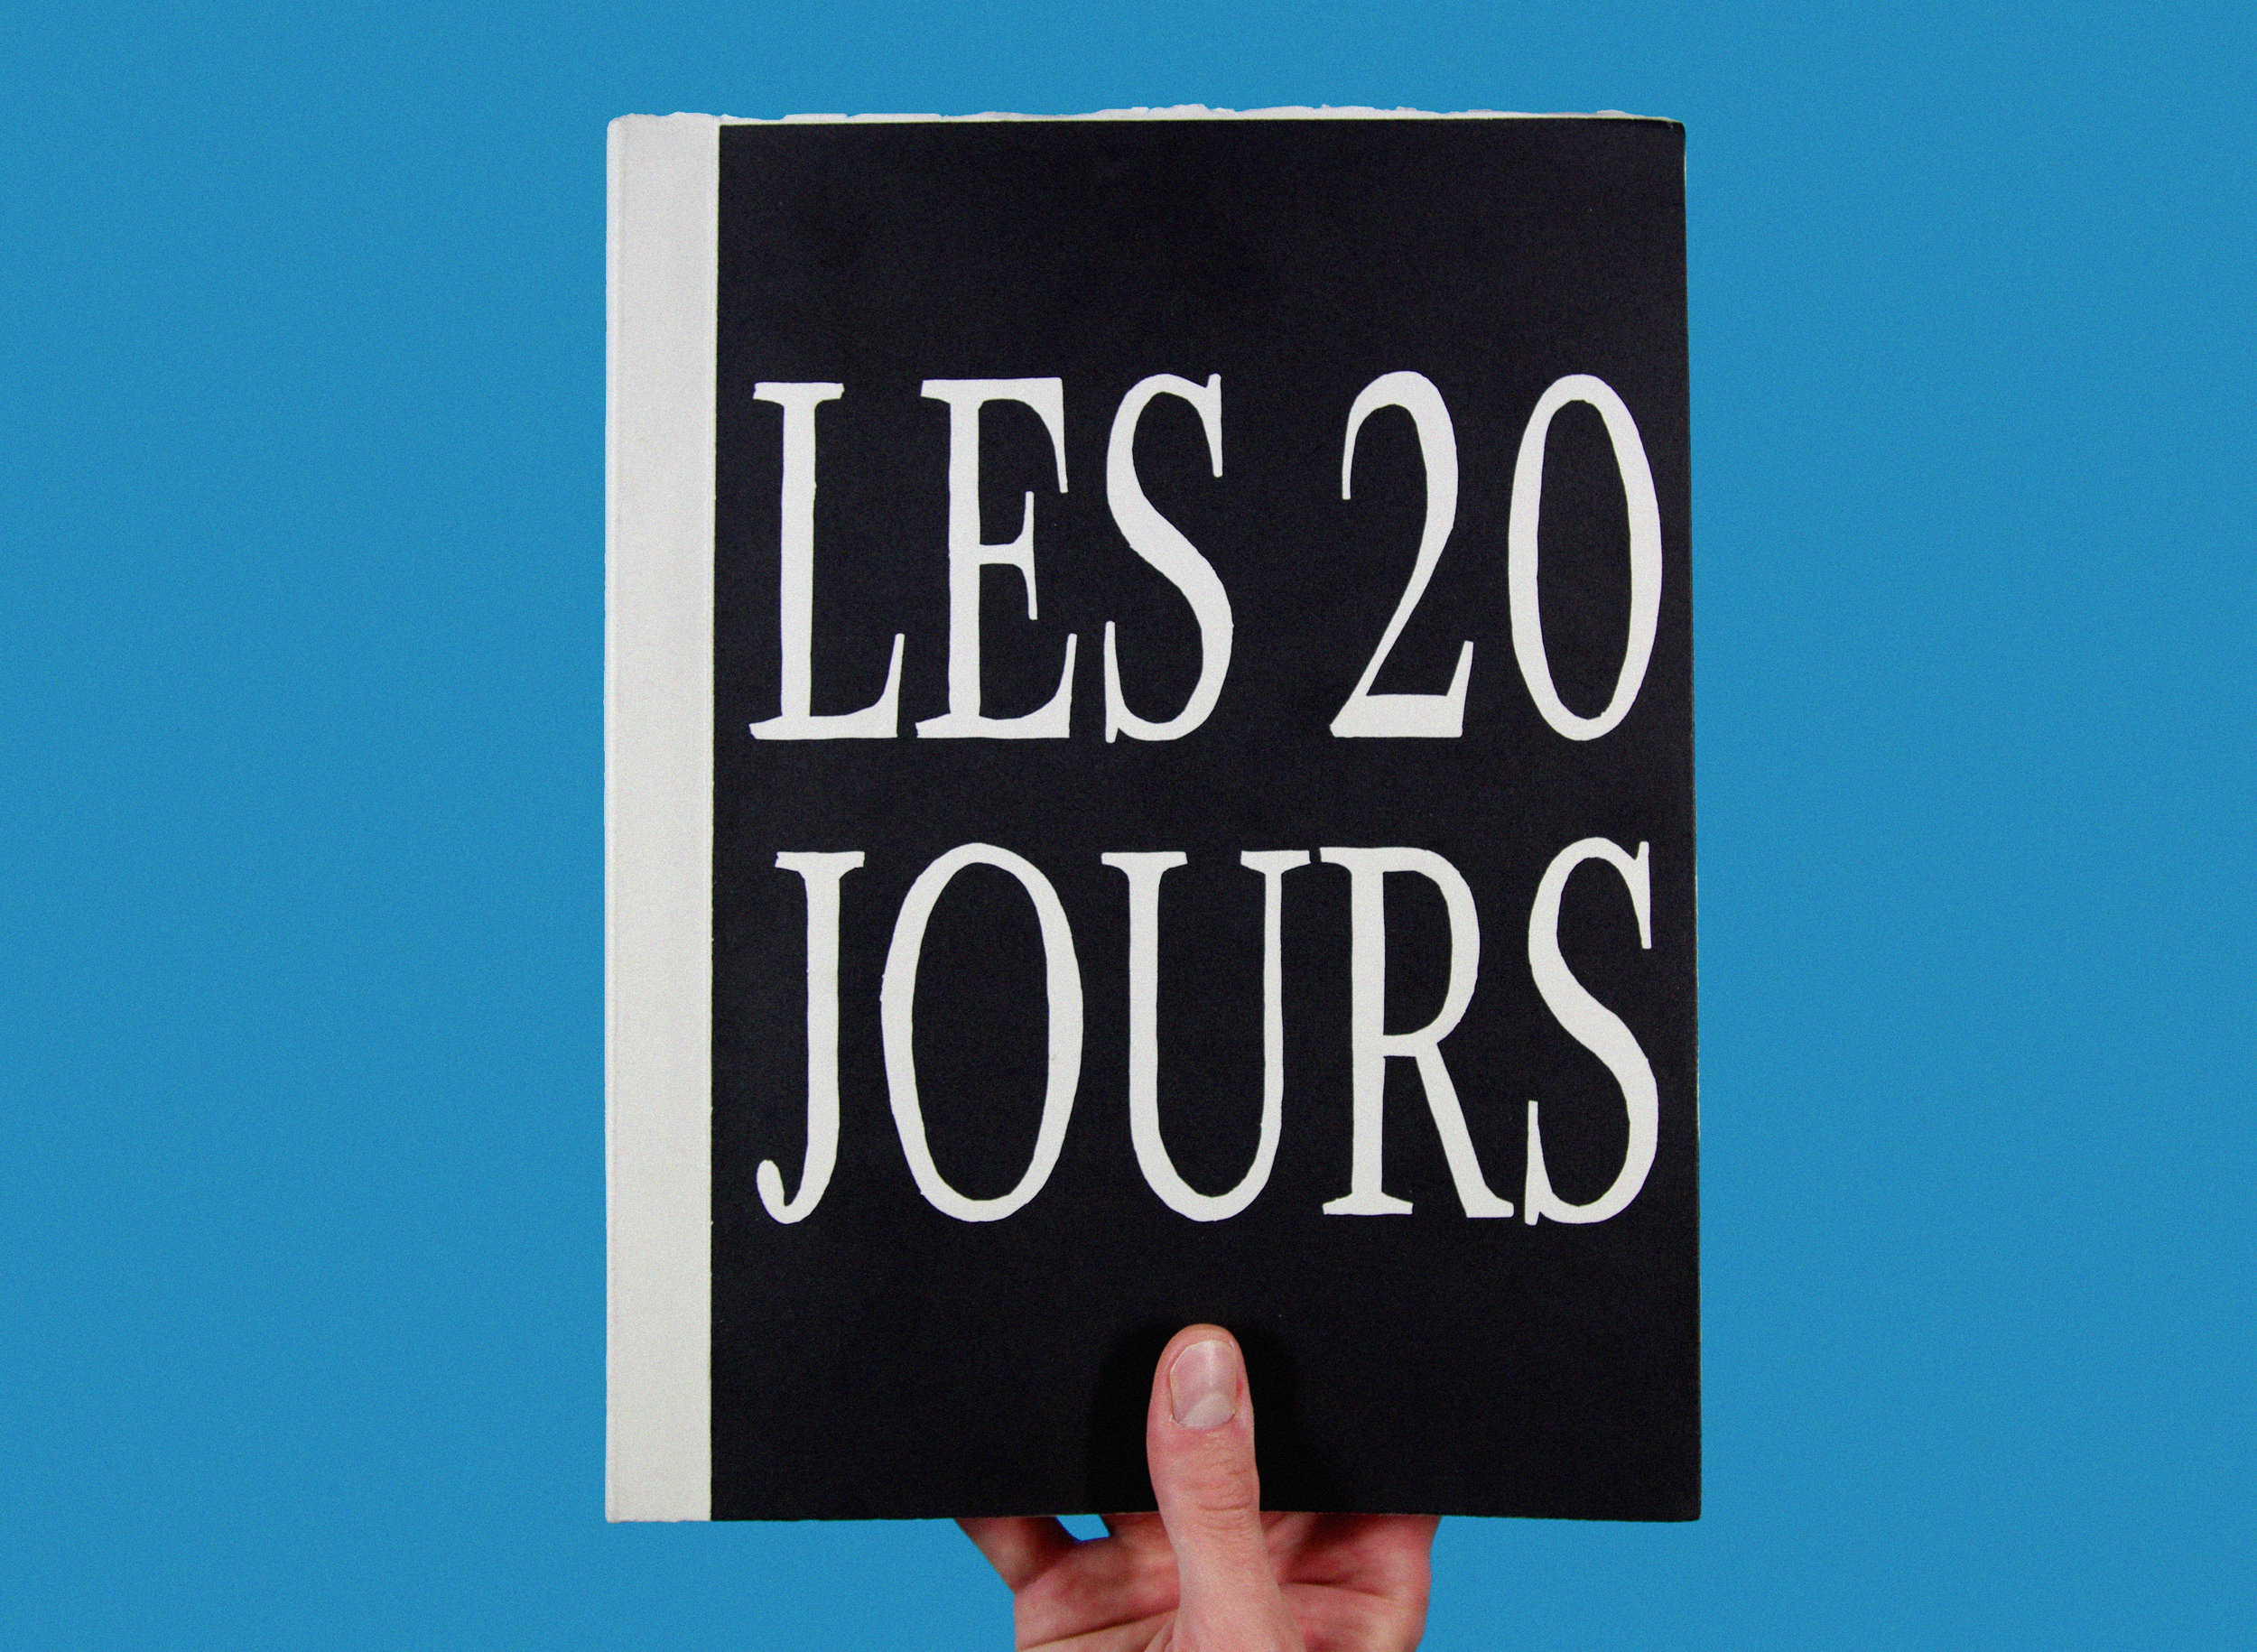 LES 20 JOURS (20 DAYS)